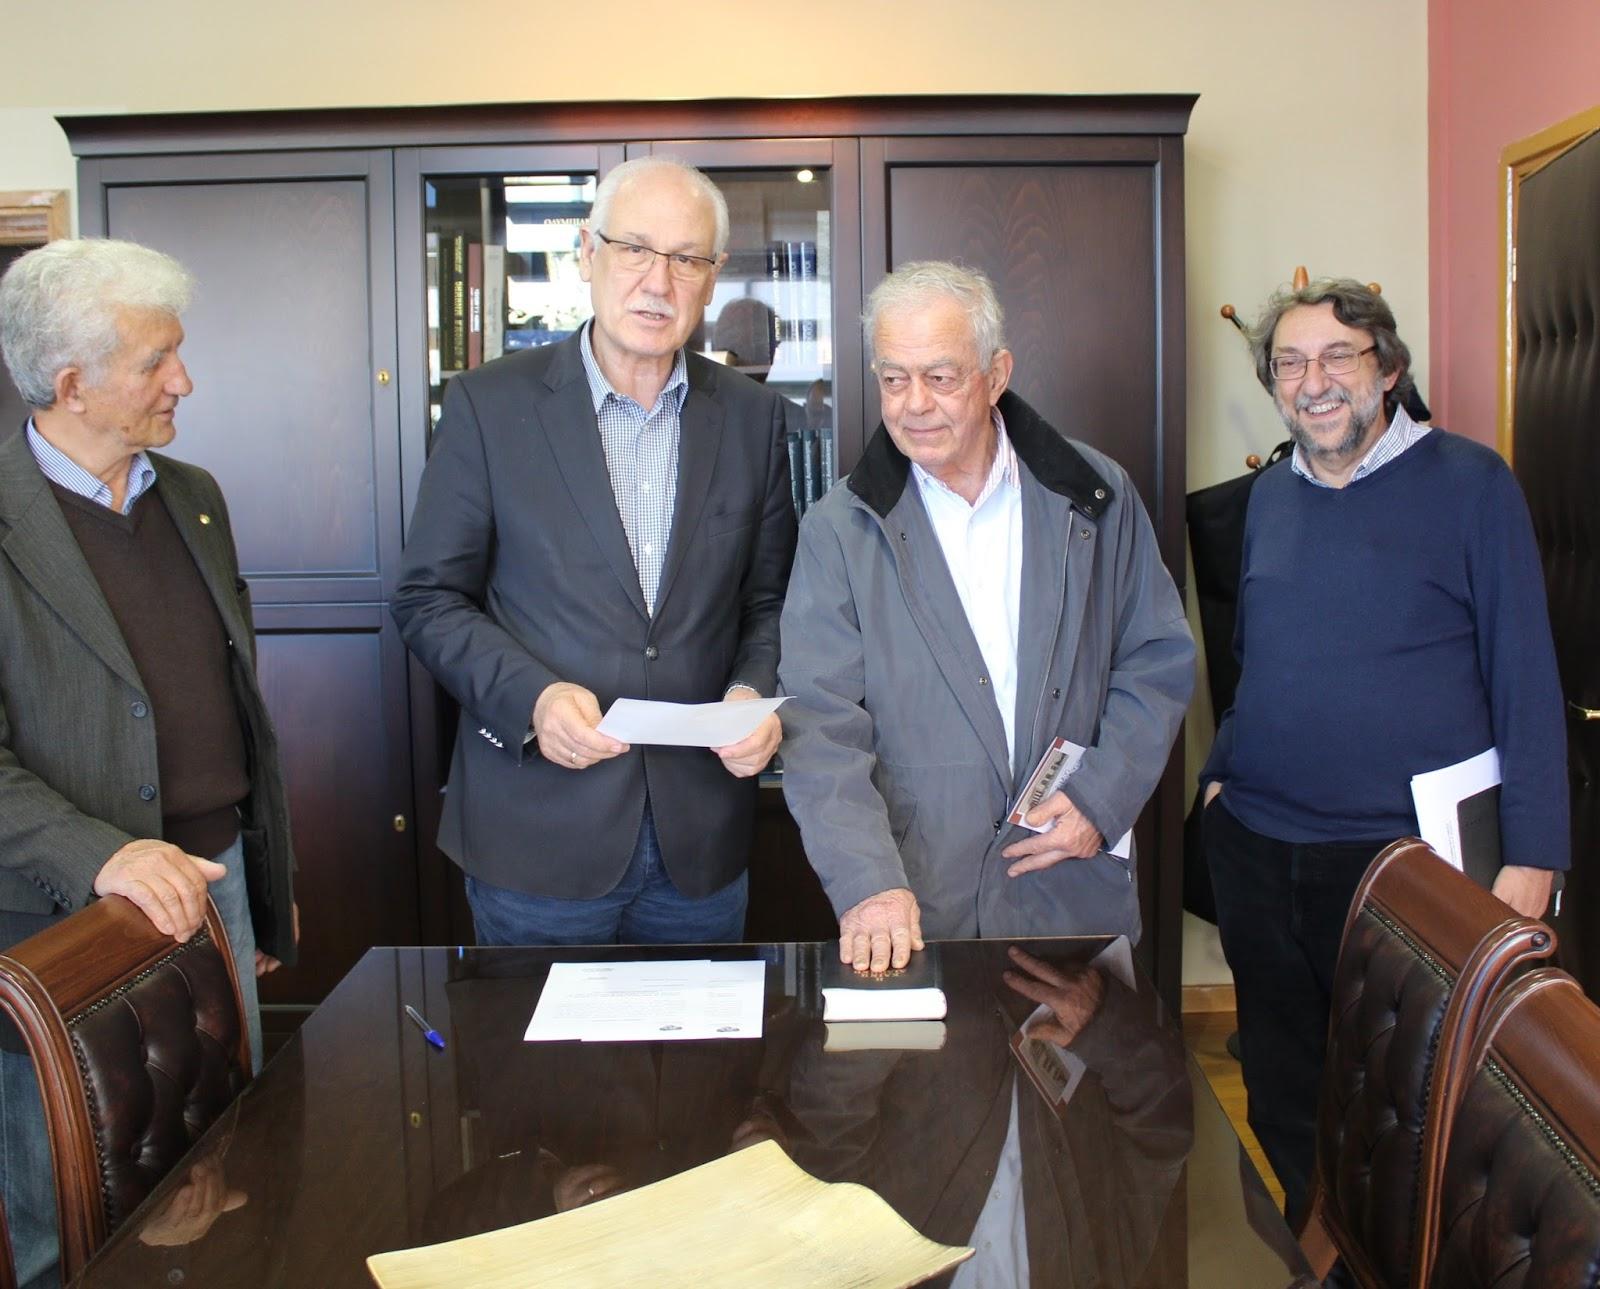 Ορκωμοσία συμβούλου της 3ης Δημοτικής Κοινότητας του Δήμου Λαρισαίων